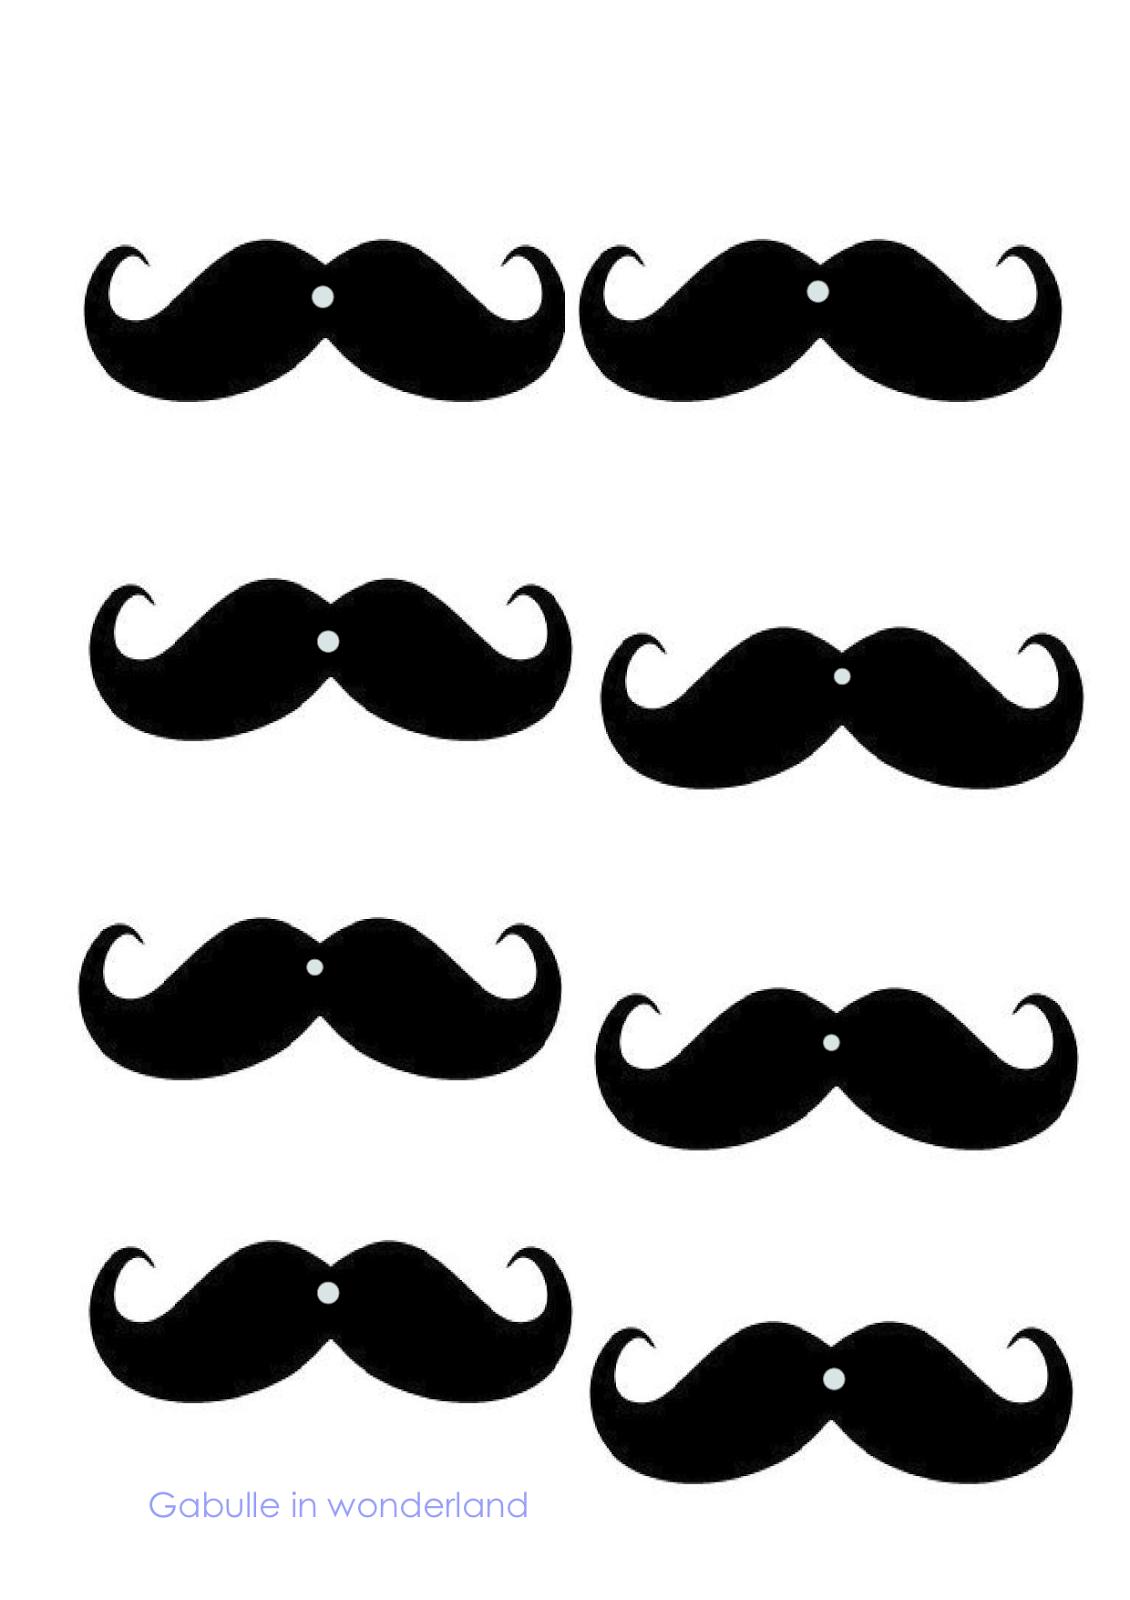 Gabulle in wonderland diy les pailles moustaches - Dessin de moustache ...